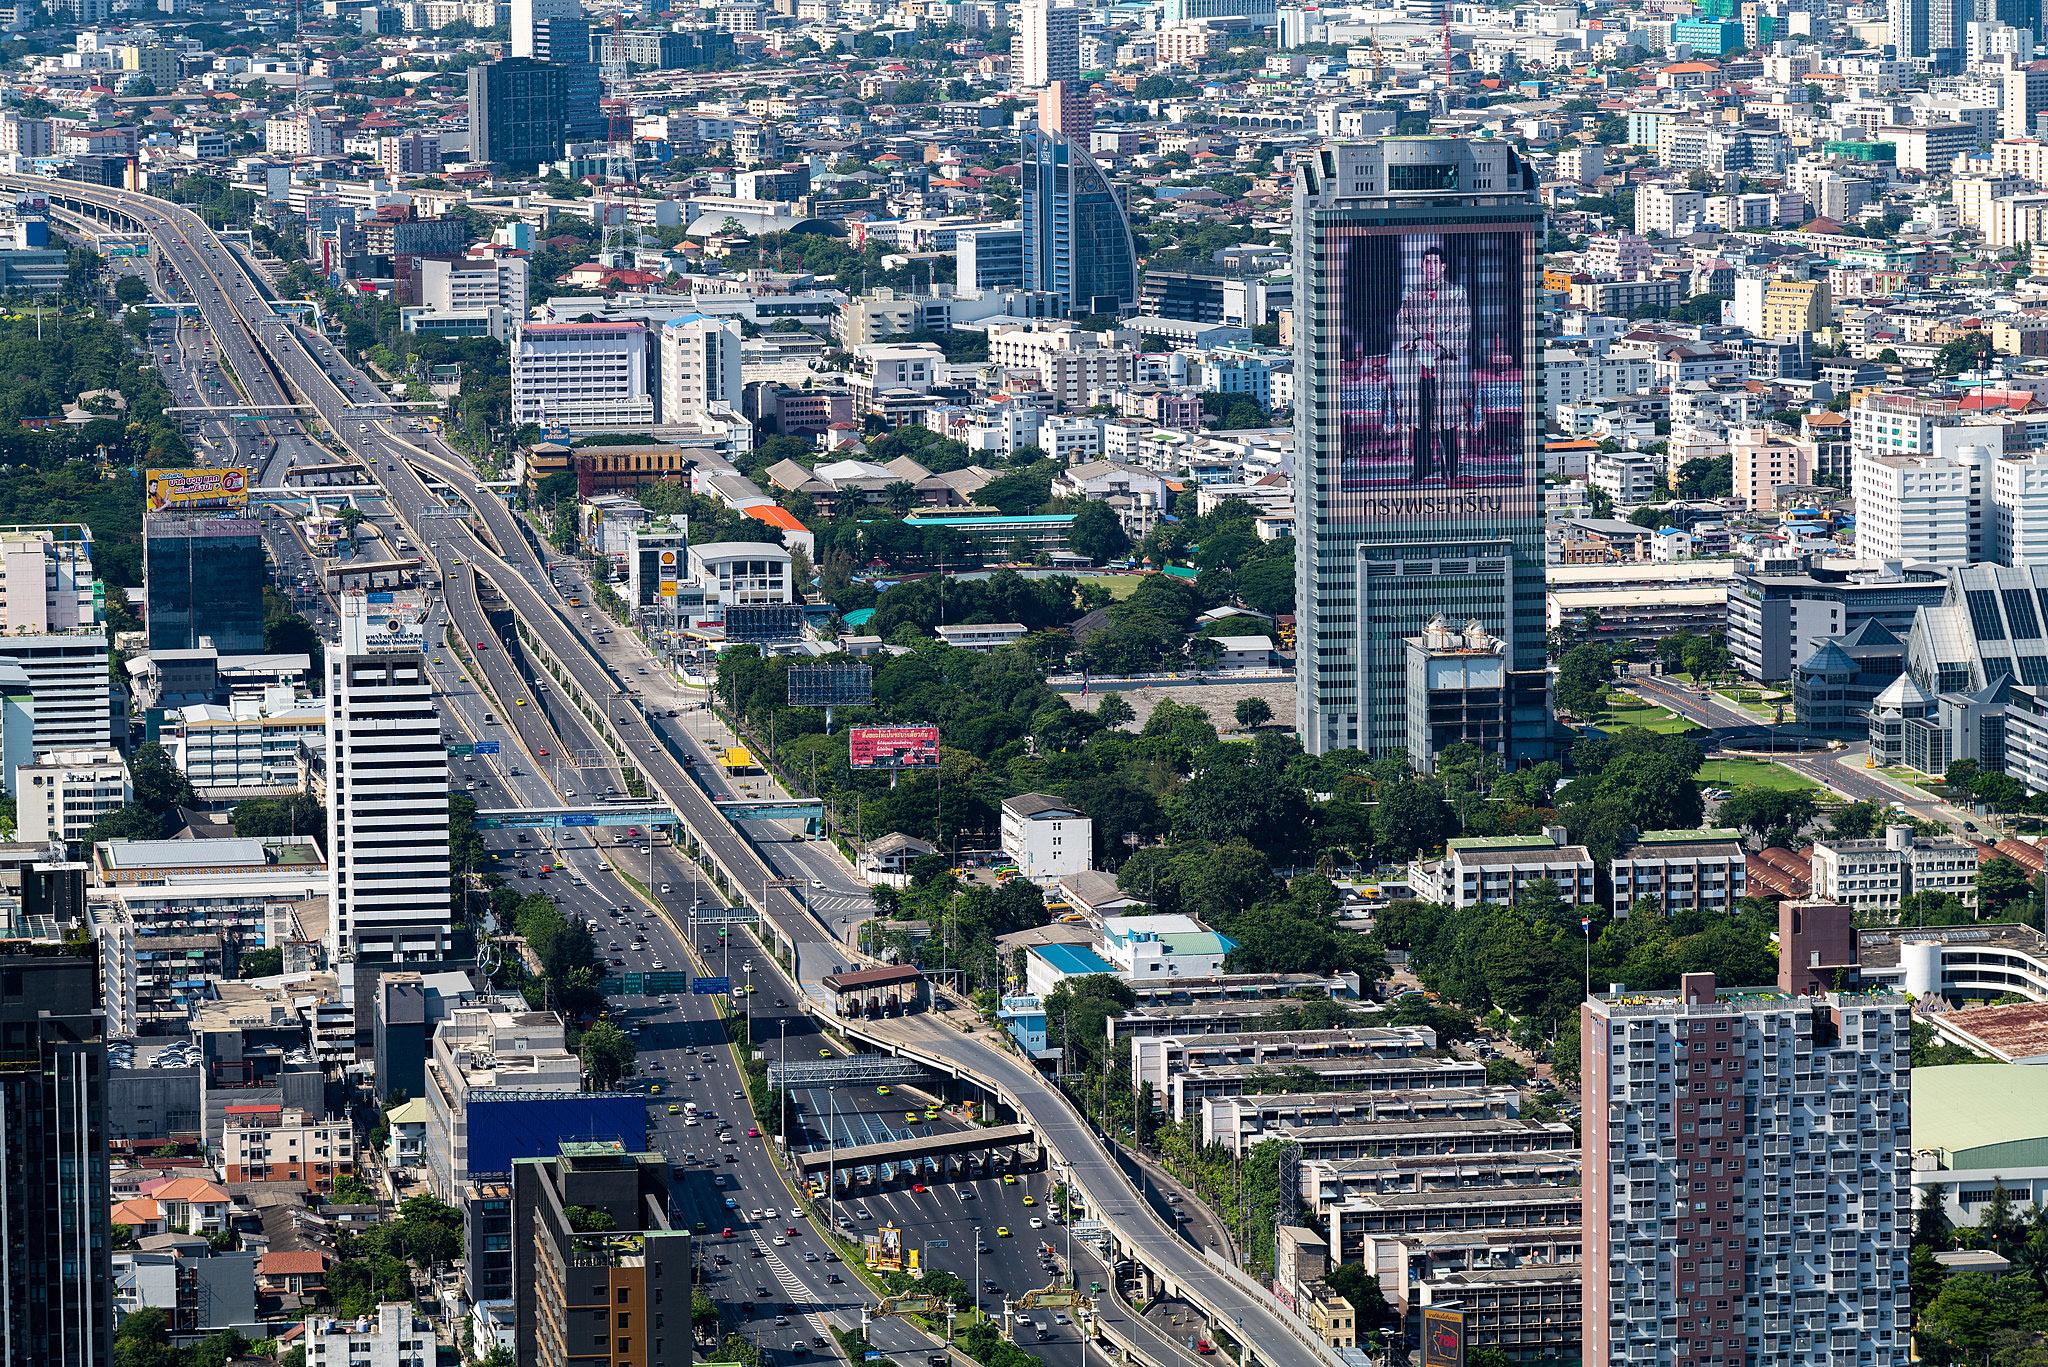 Tollgates of Bangkok Expressway by Tenfas Apk.jpg